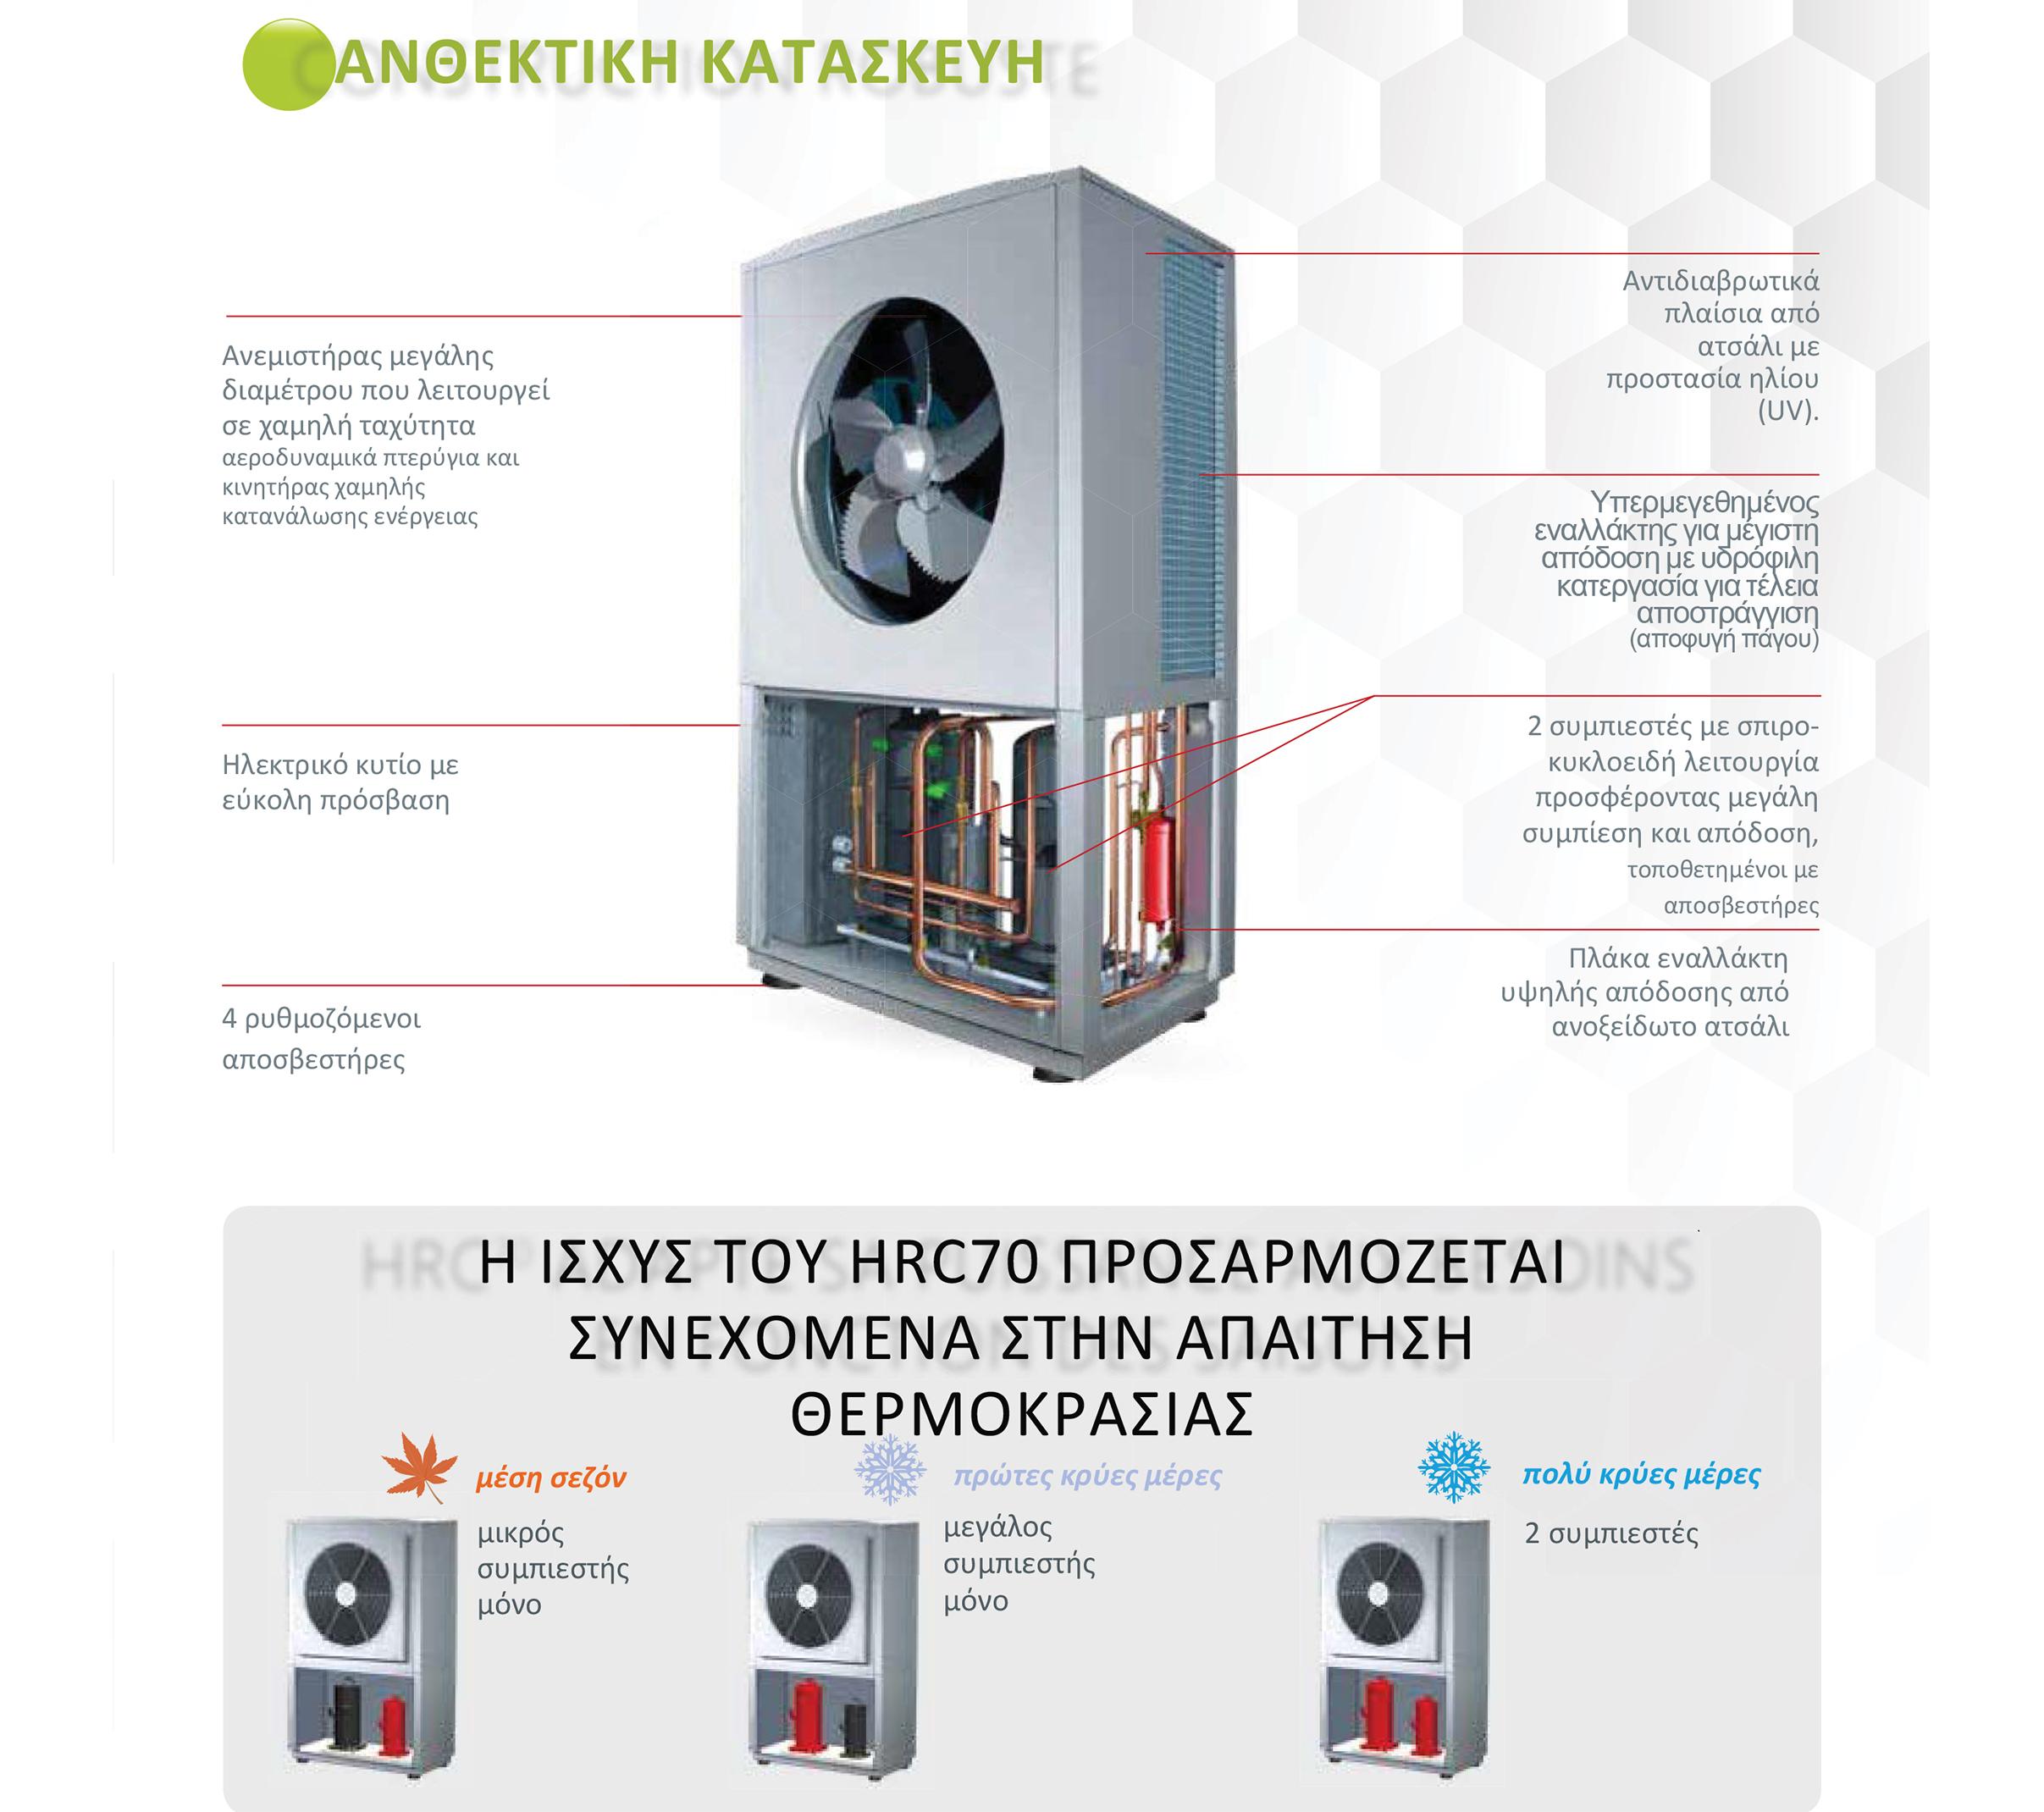 HRC 70 leaflet 2018_GR-3